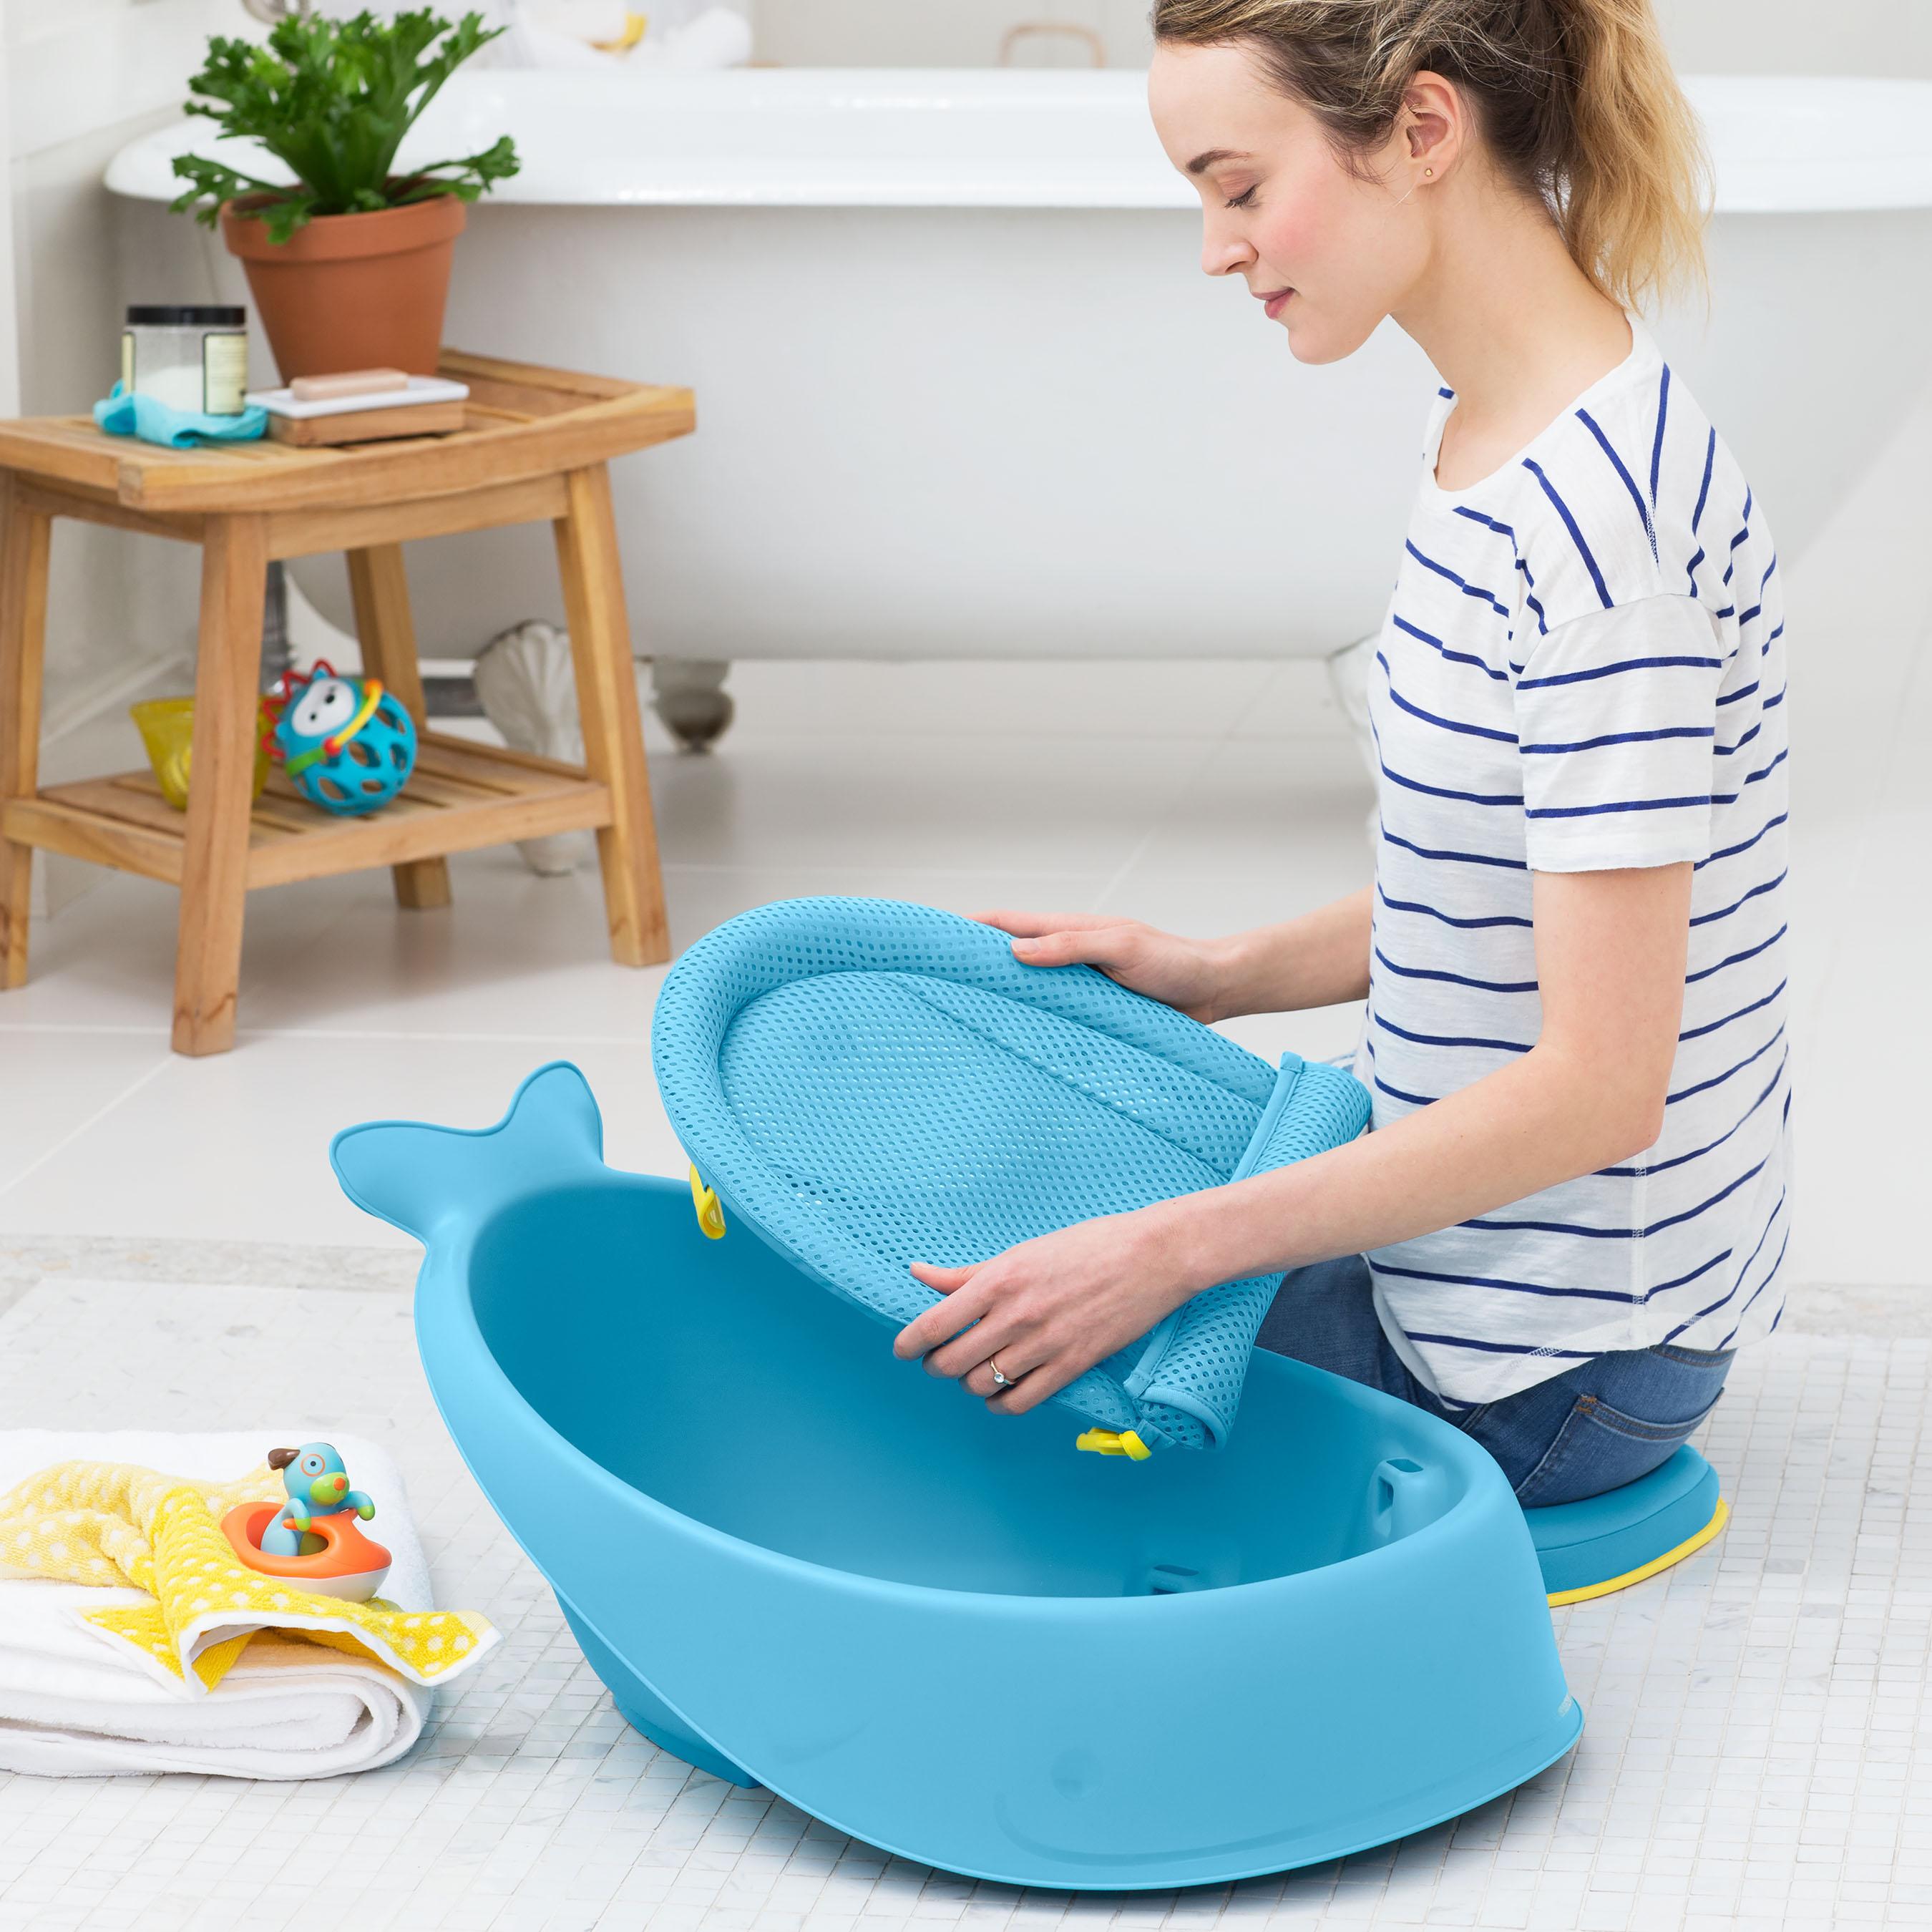 אמבטיה לתינוקות 3 שלבים